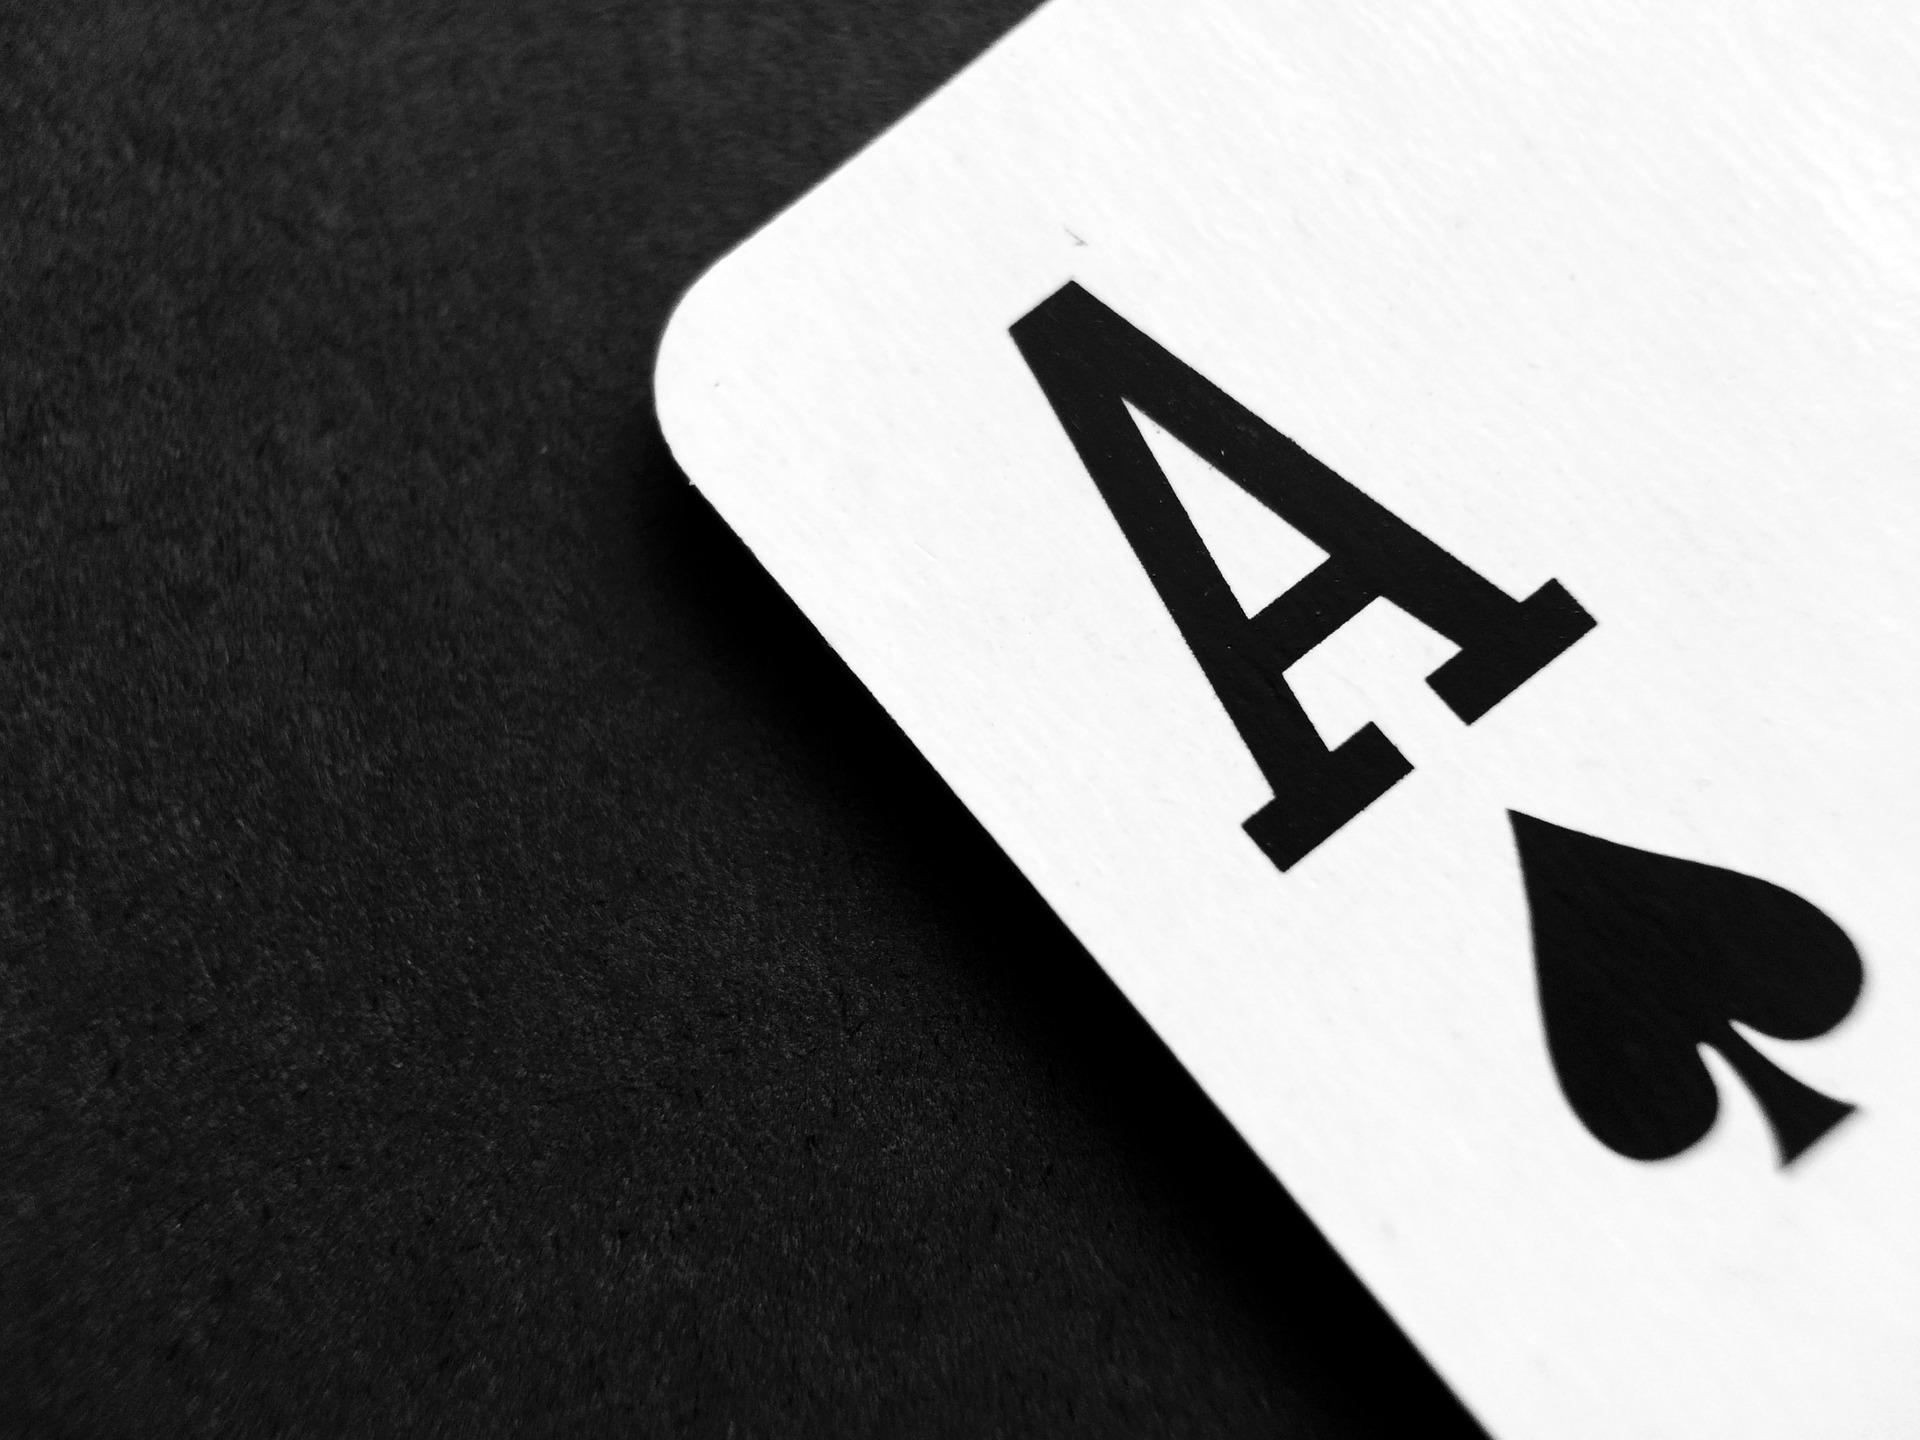 Få en mere afslappet hverdag med online casino spil